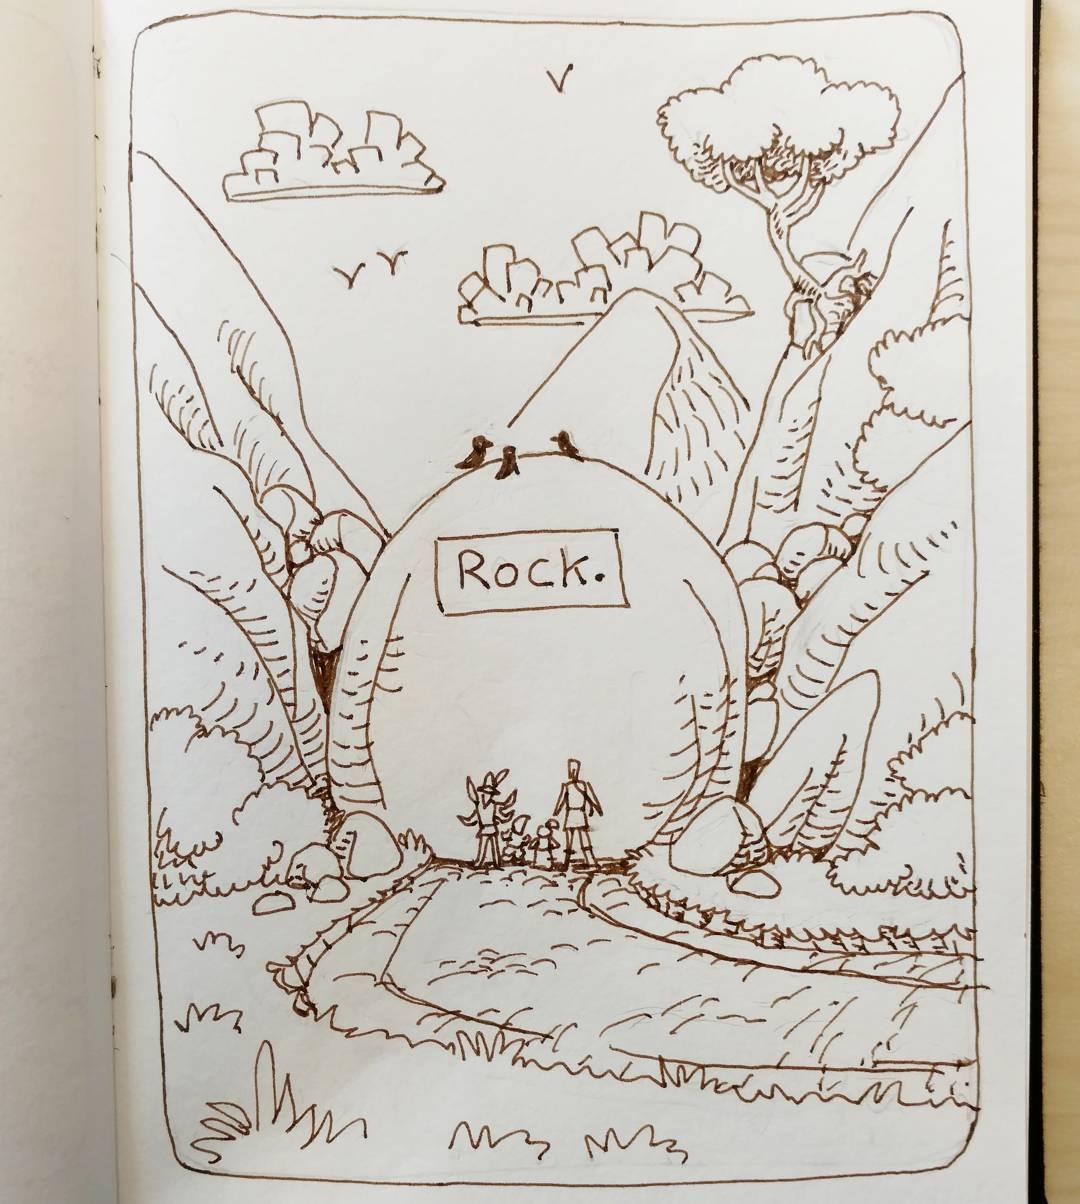 """redjarojam """"Rock"""", Inktober 08 - by Jared DeCosta (redjarojam) www.instagram.com/redjarojam (2016-10) © dell'autore tutti i diritti riservati"""